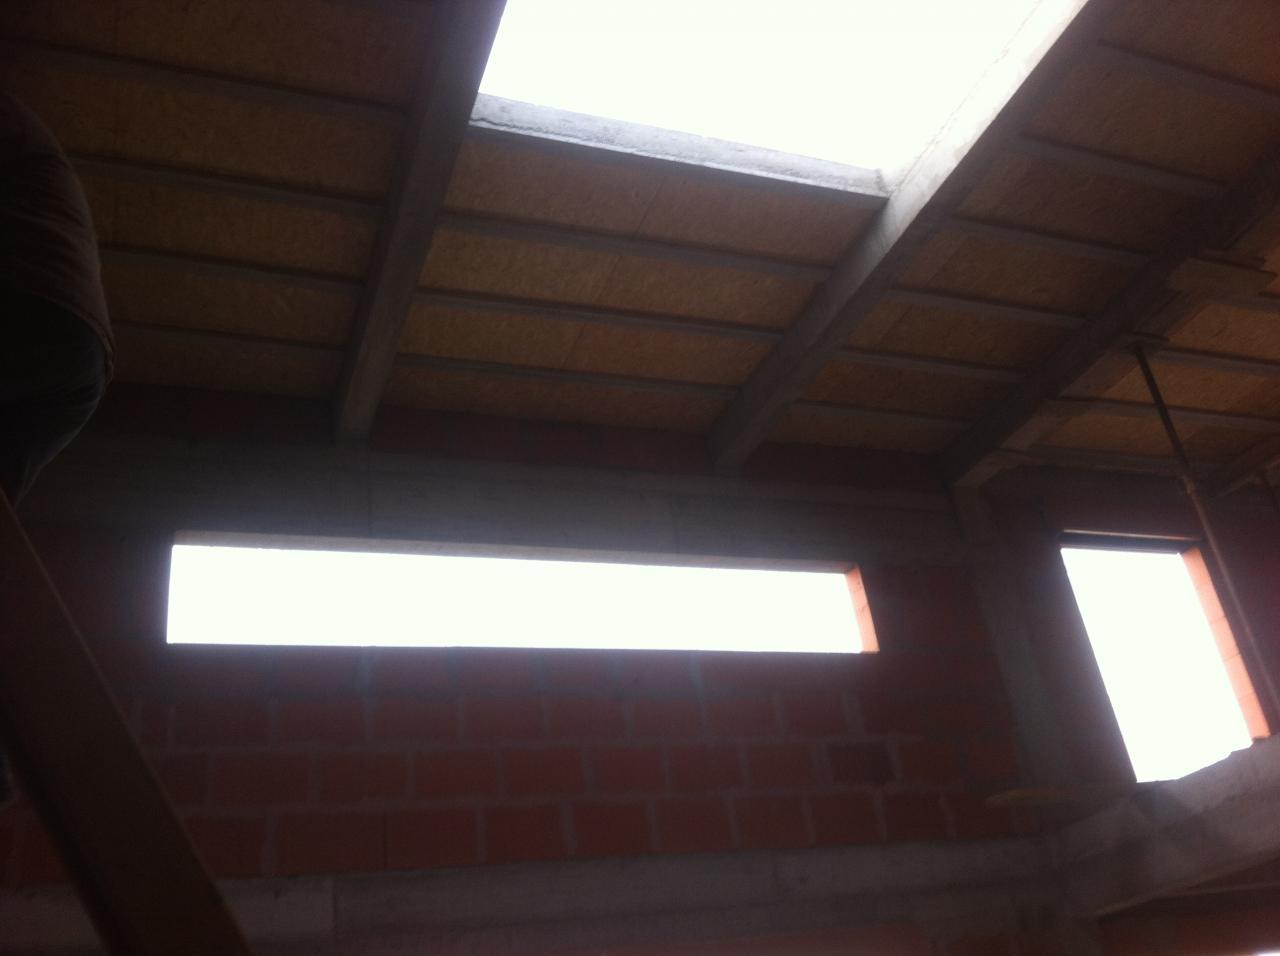 Vue des poutres porteuses posées sur linteau de fenêtre de 4m40